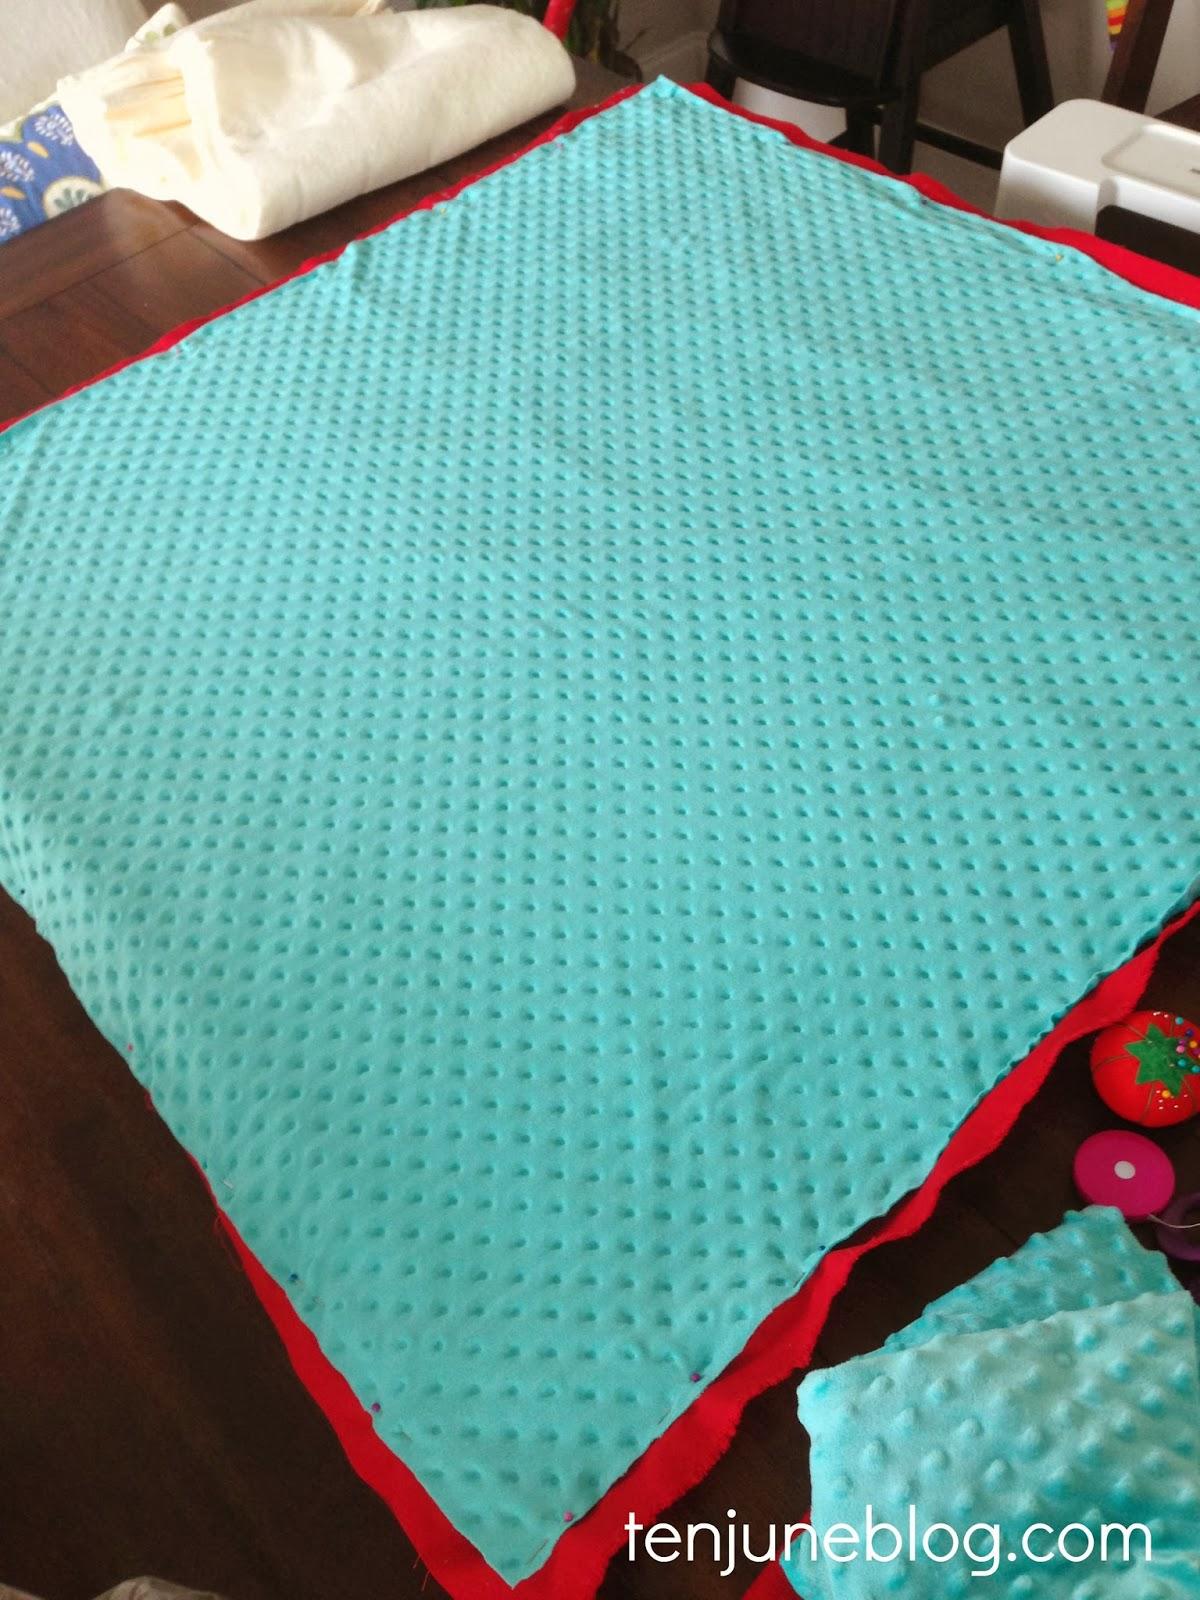 Ten June DIY Baby Play Mat Sewing Tutorial